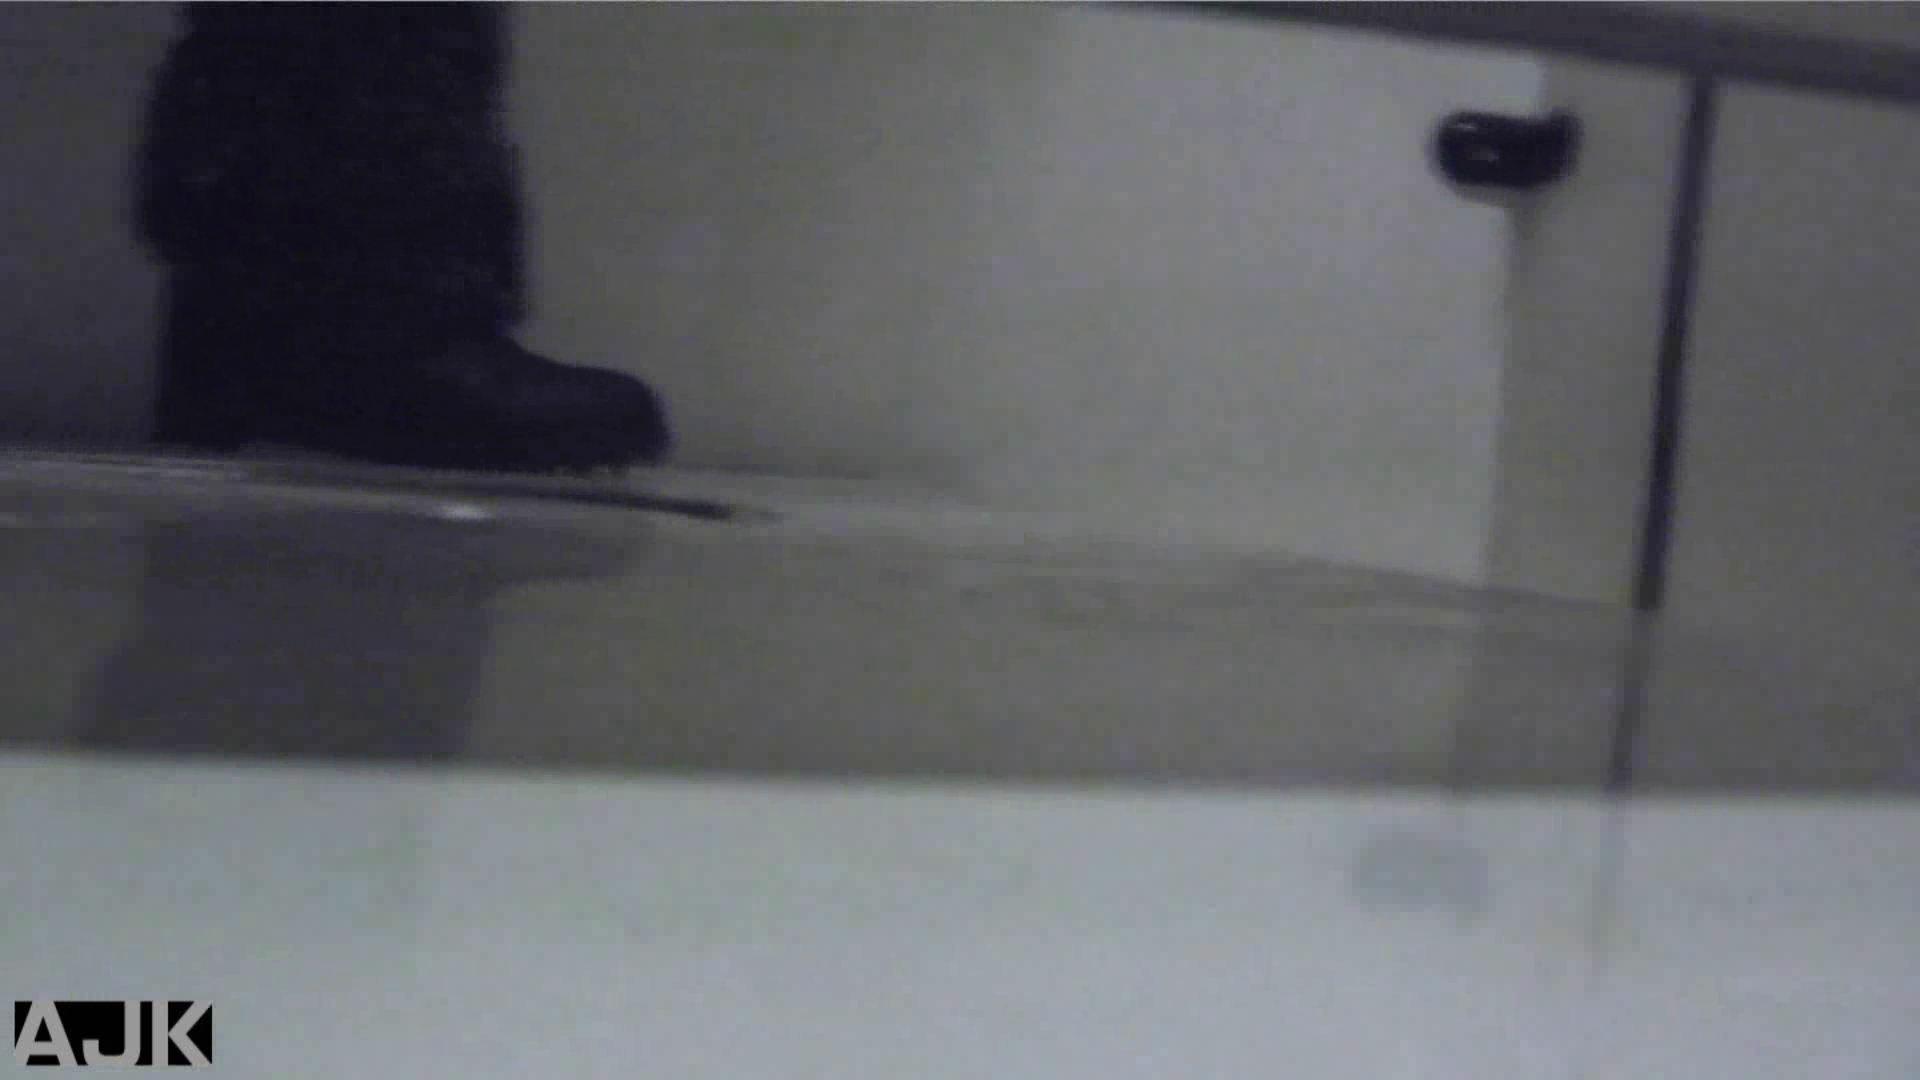 神降臨!史上最強の潜入かわや! vol.28 潜入 AV無料動画キャプチャ 106PIX 87